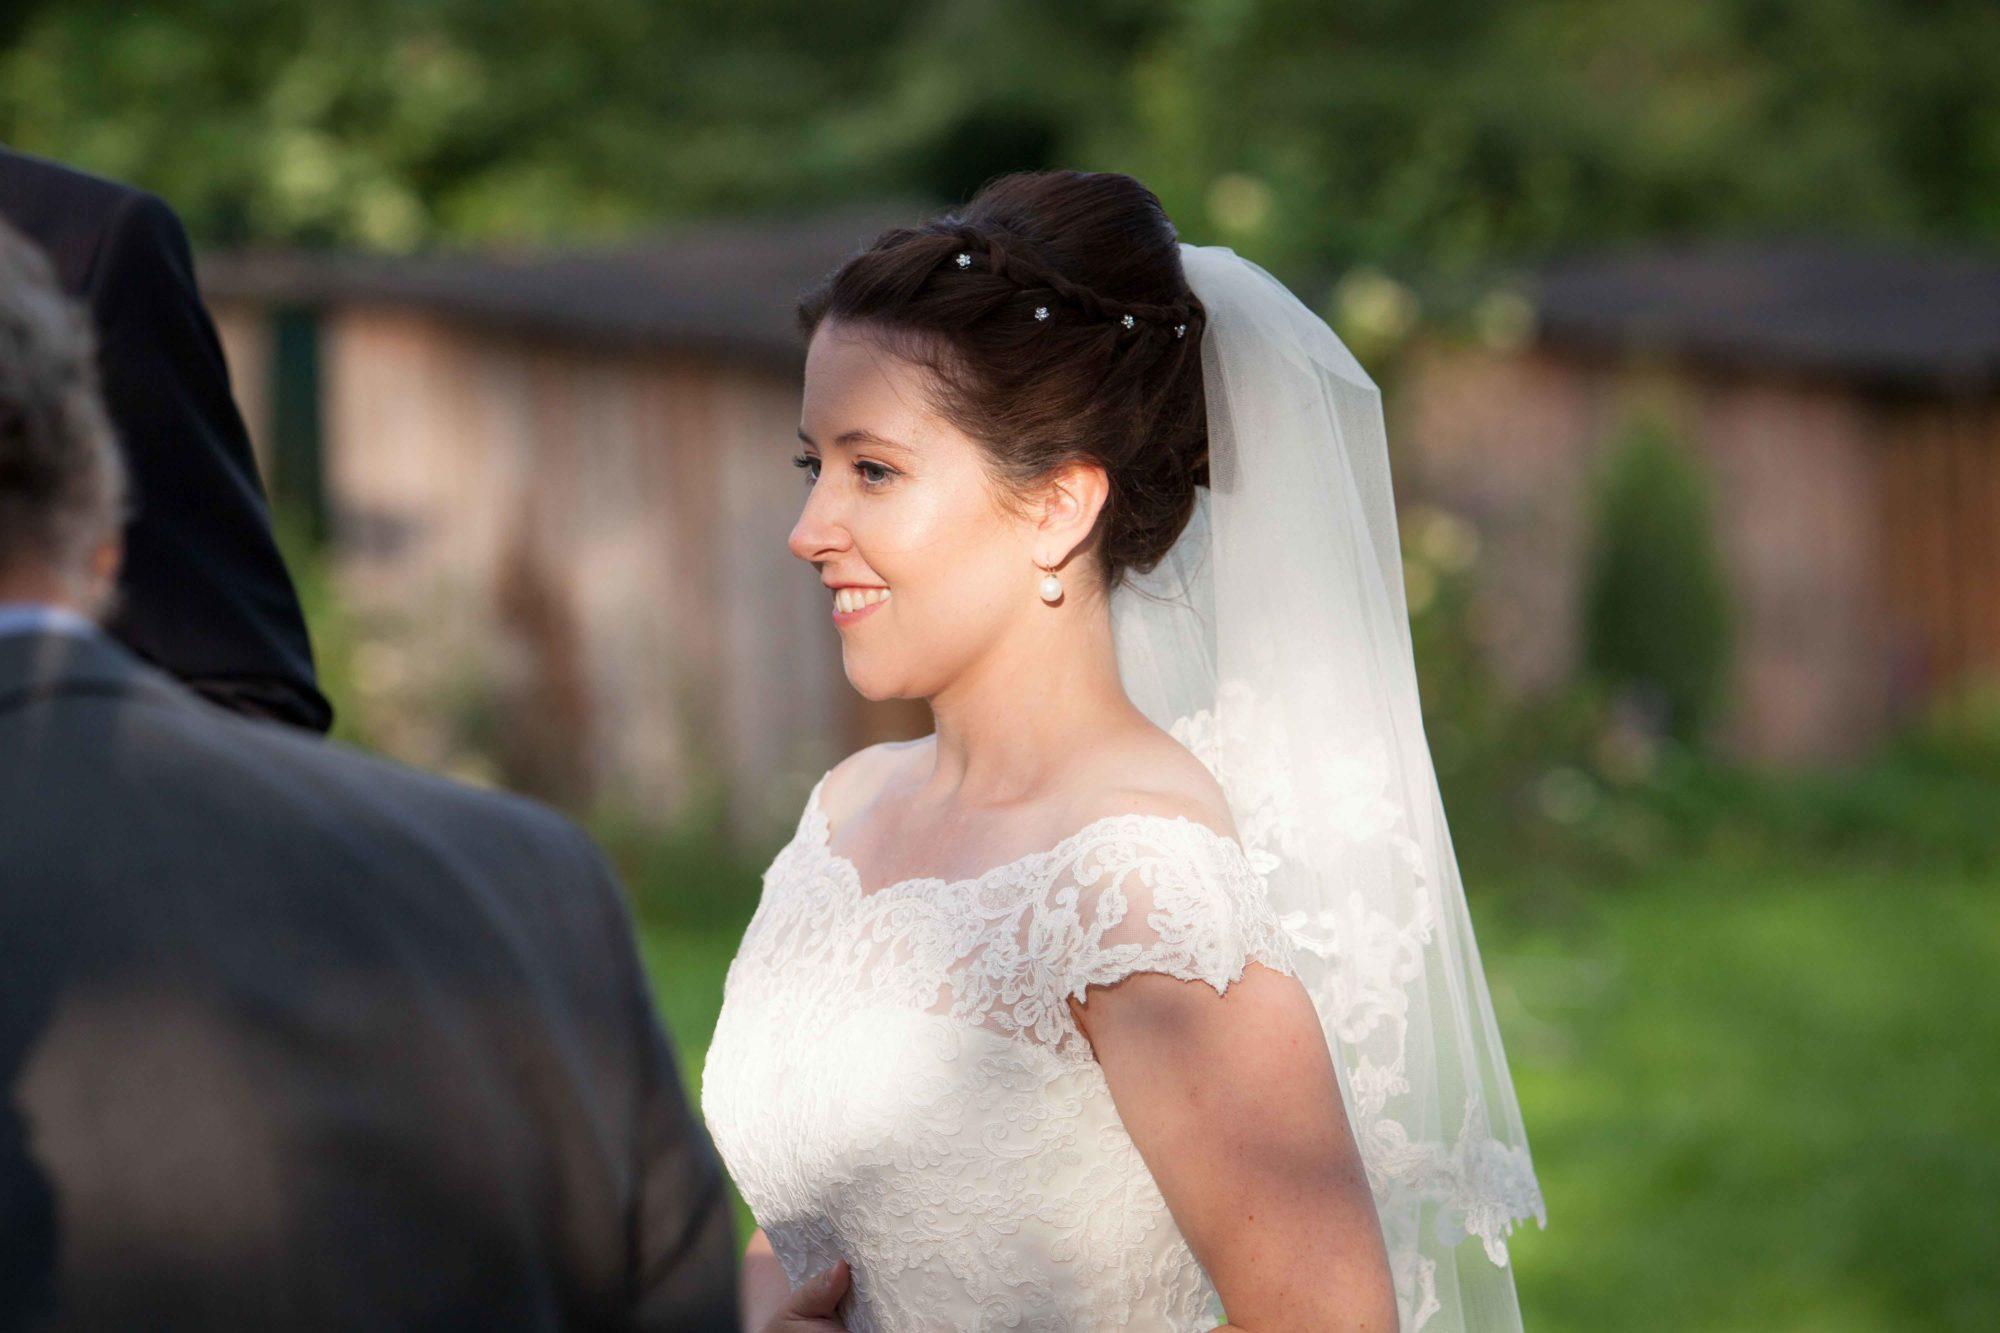 Hochzeitsbilder, Hochzeitsfotografie, Schwäbisch Gmünd, Kloster Lorch, Hochzeitsfotograf, Kirchliche Trauung, Hochzeitsfeier